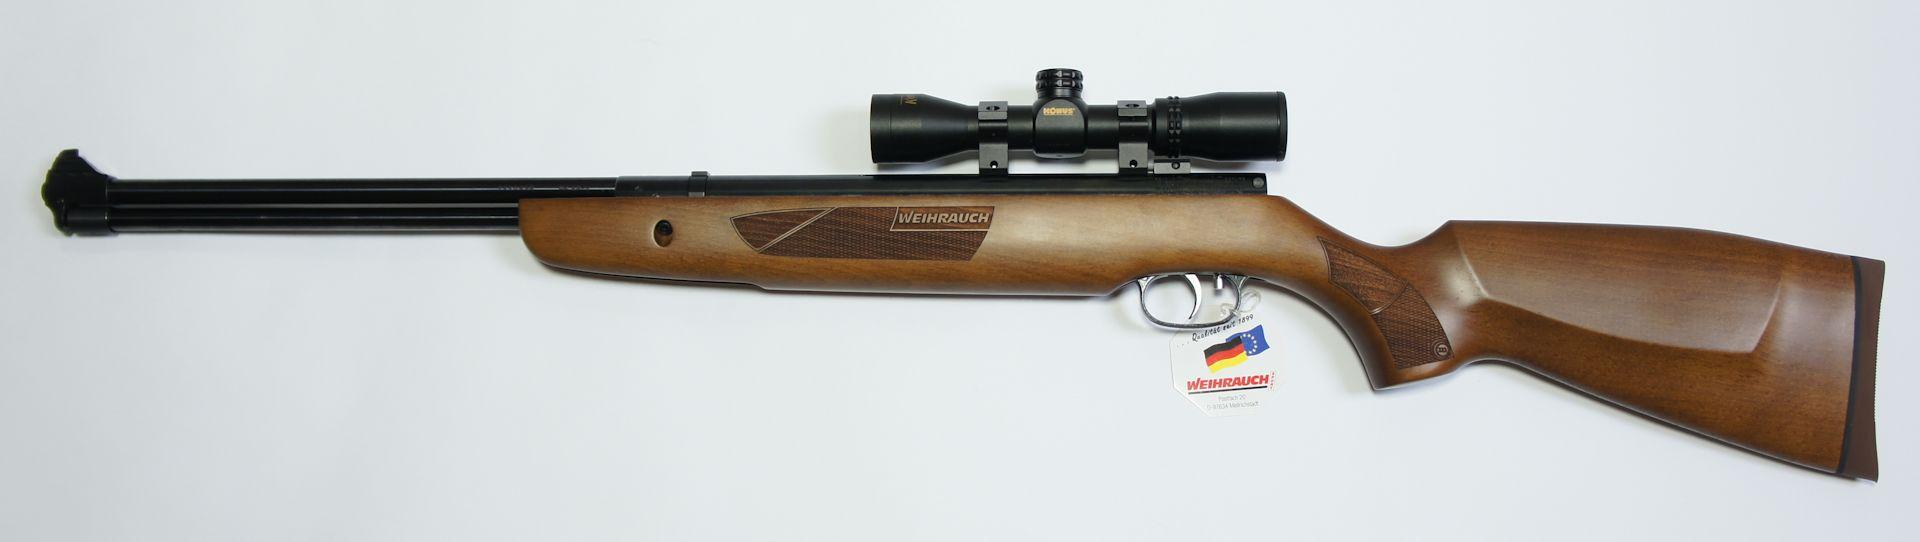 Luftgewehr HW 57 mit Zielfernrohr